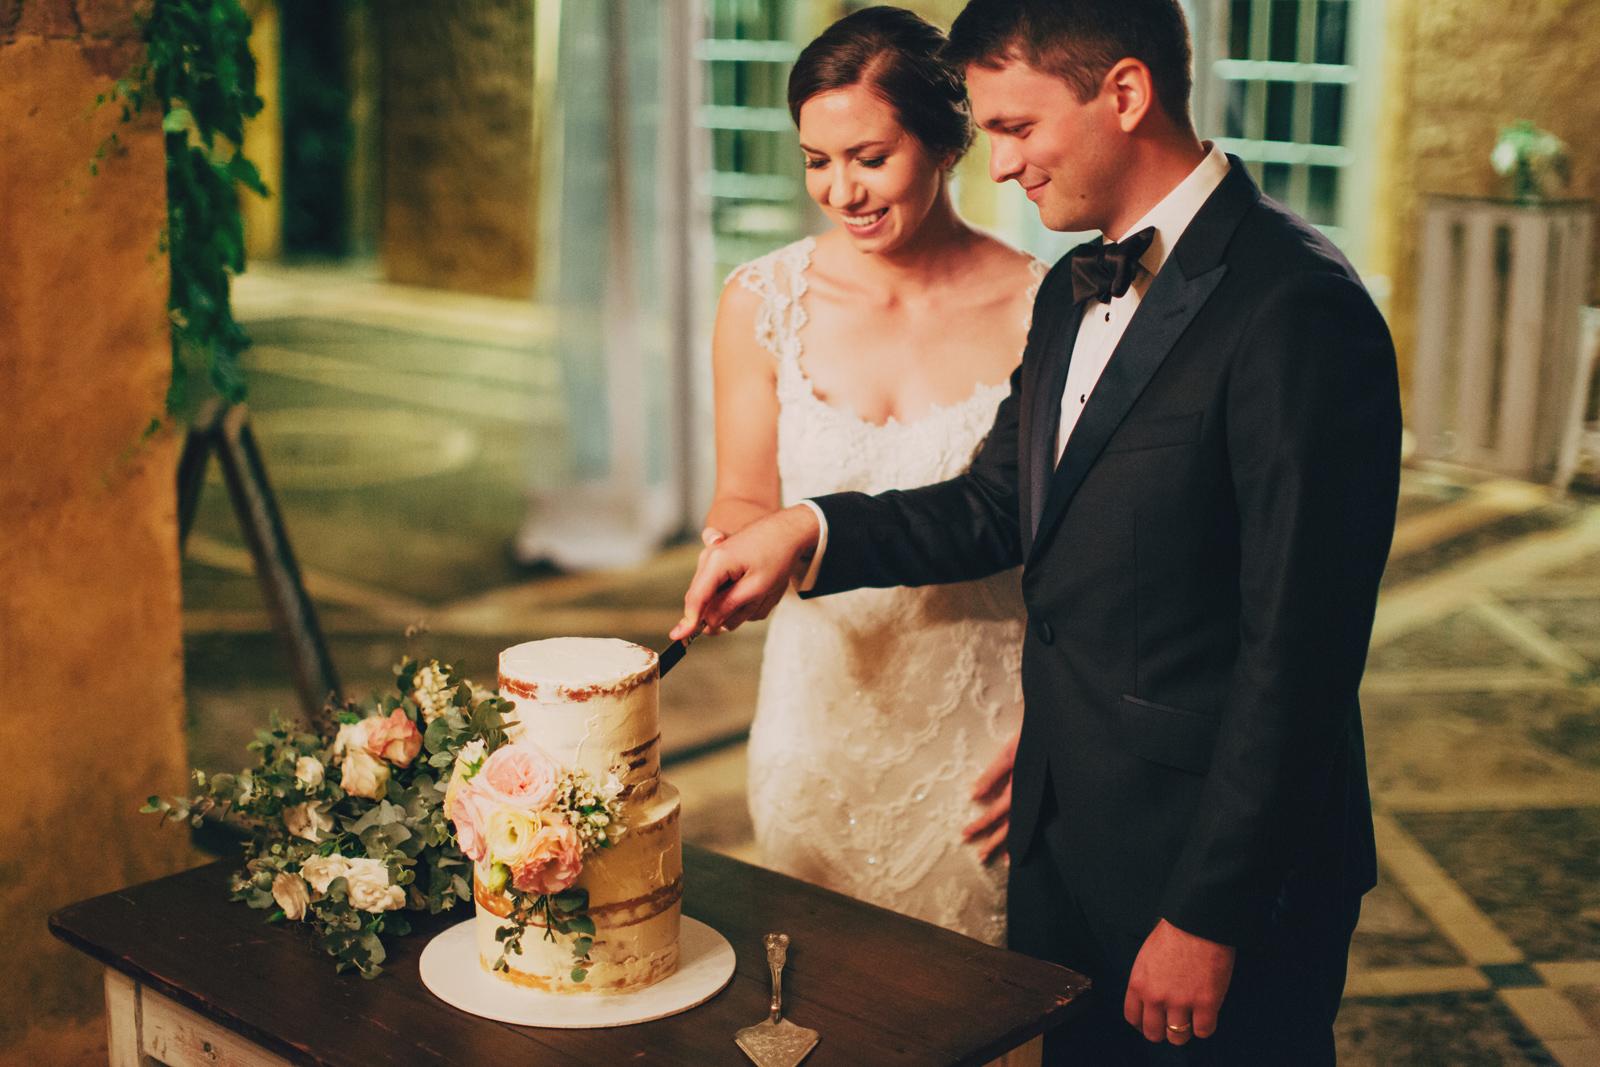 Hilary-&-Darren-Married---0833